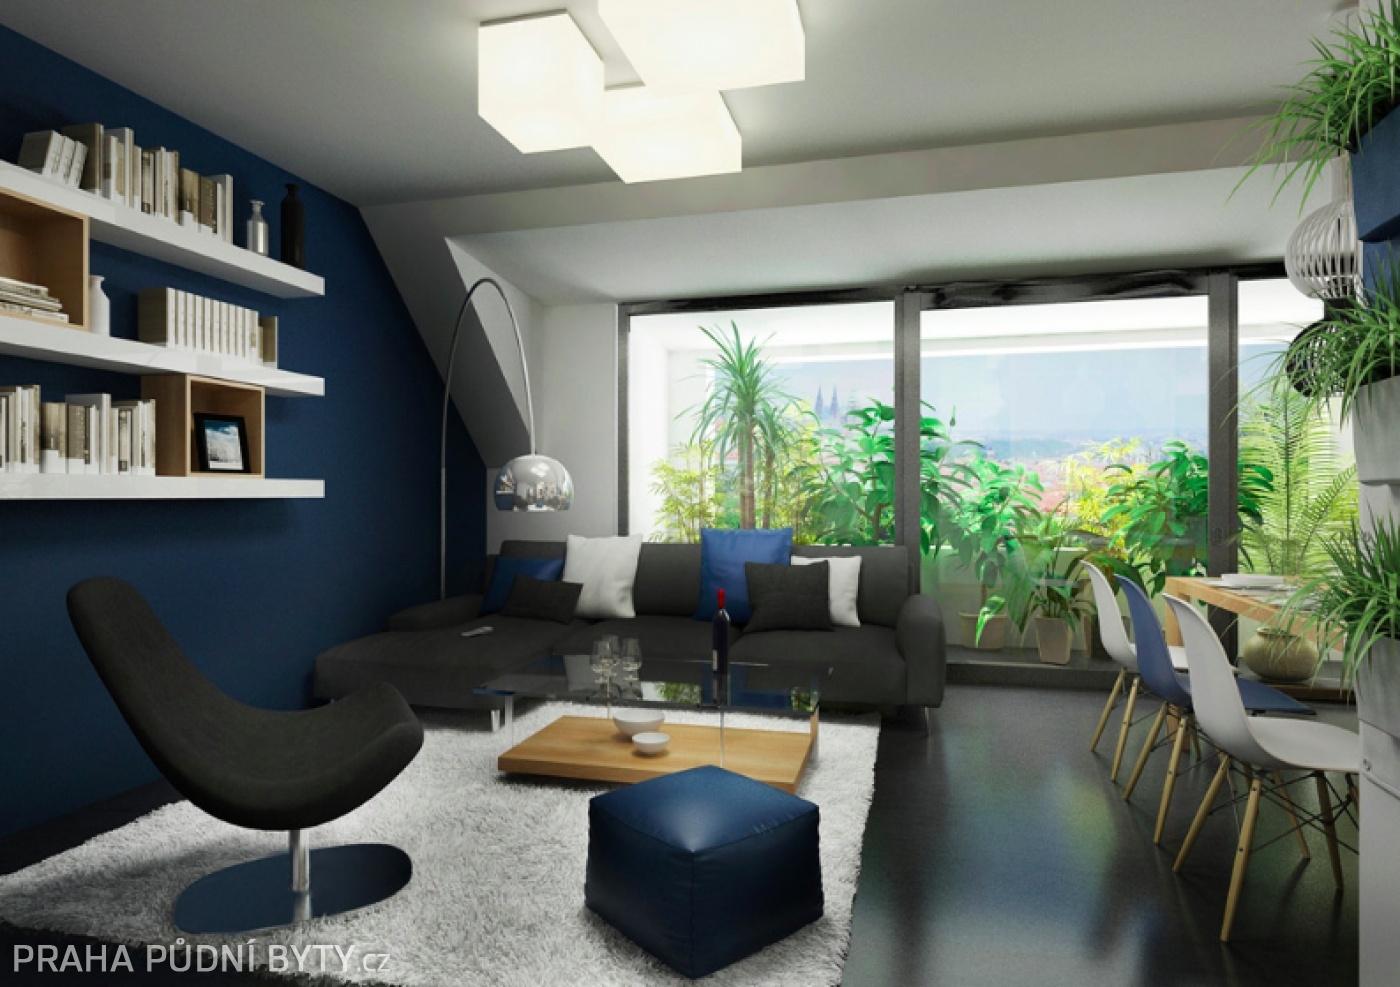 Půdní byt 3+kk, plocha 118 m², ulice Nad Závěrkou, Praha 6 - Břevnov | 3